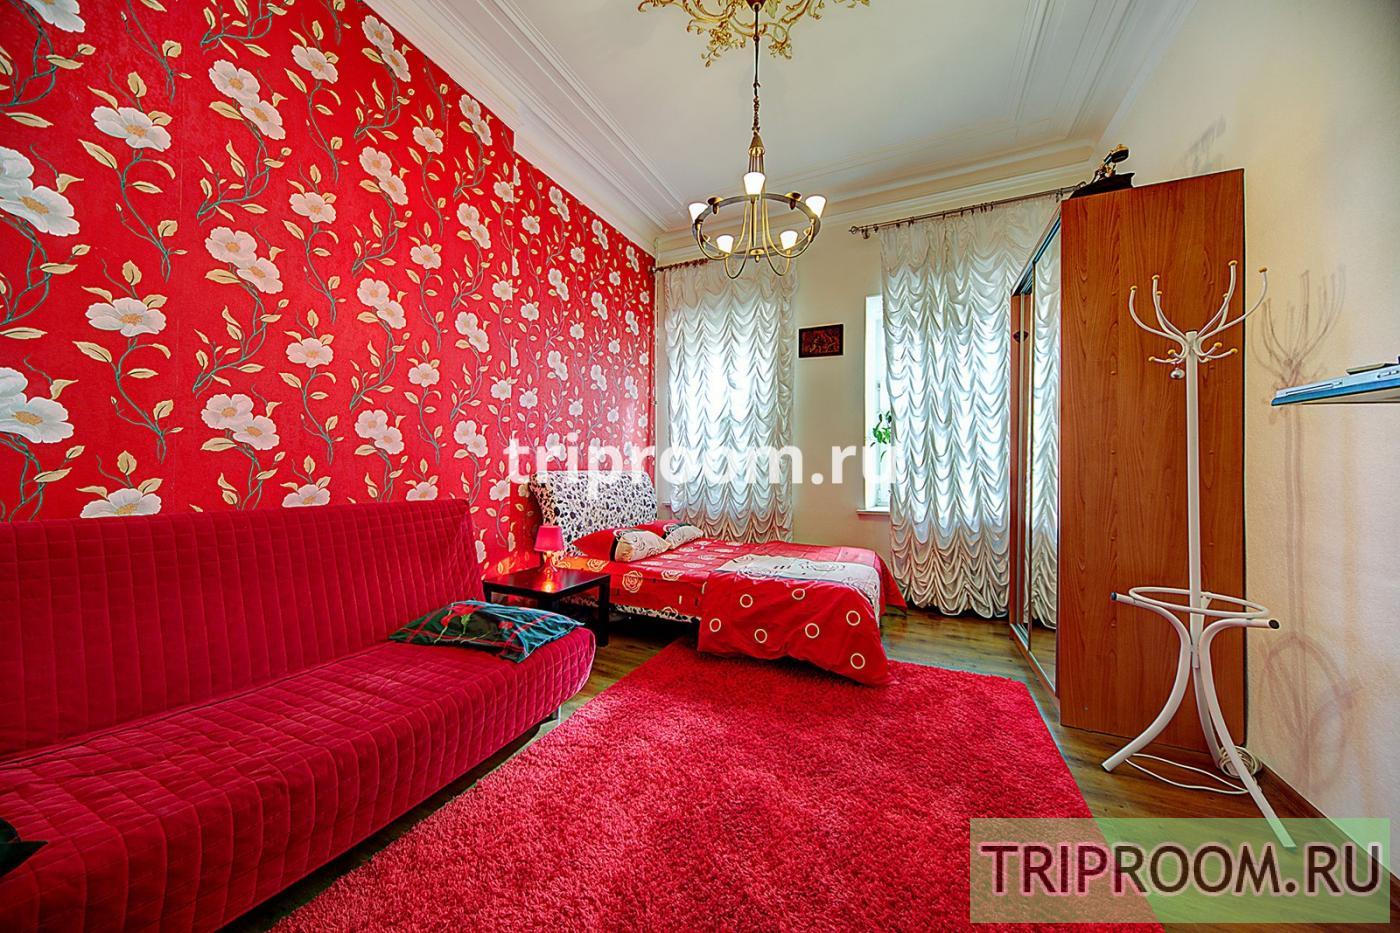 1-комнатная квартира посуточно (вариант № 15073), ул. Итальянская улица, фото № 2